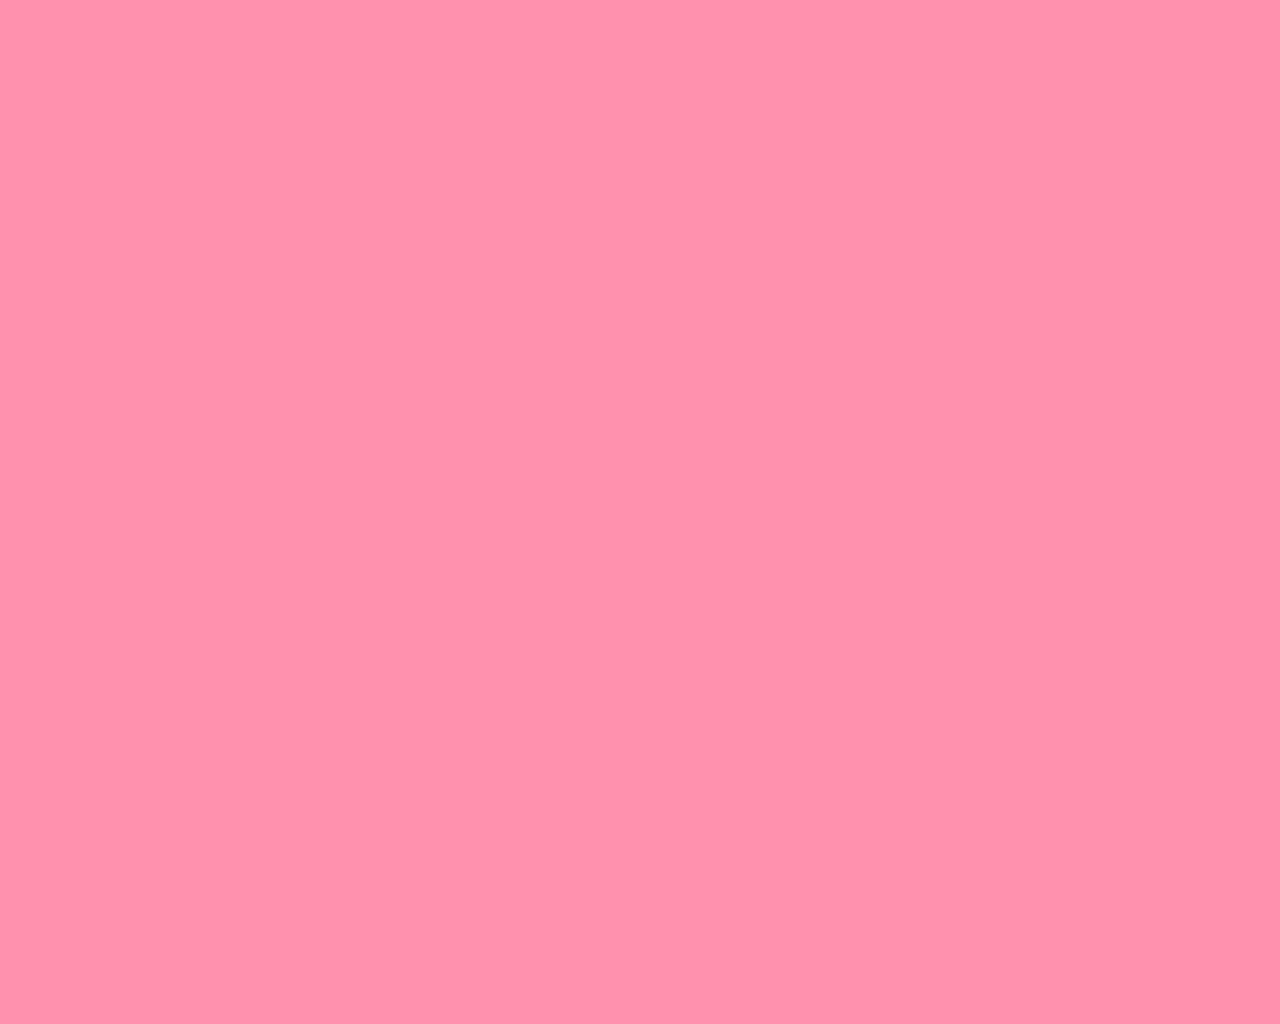 1280x1024 Baker-Miller Pink Solid Color Background